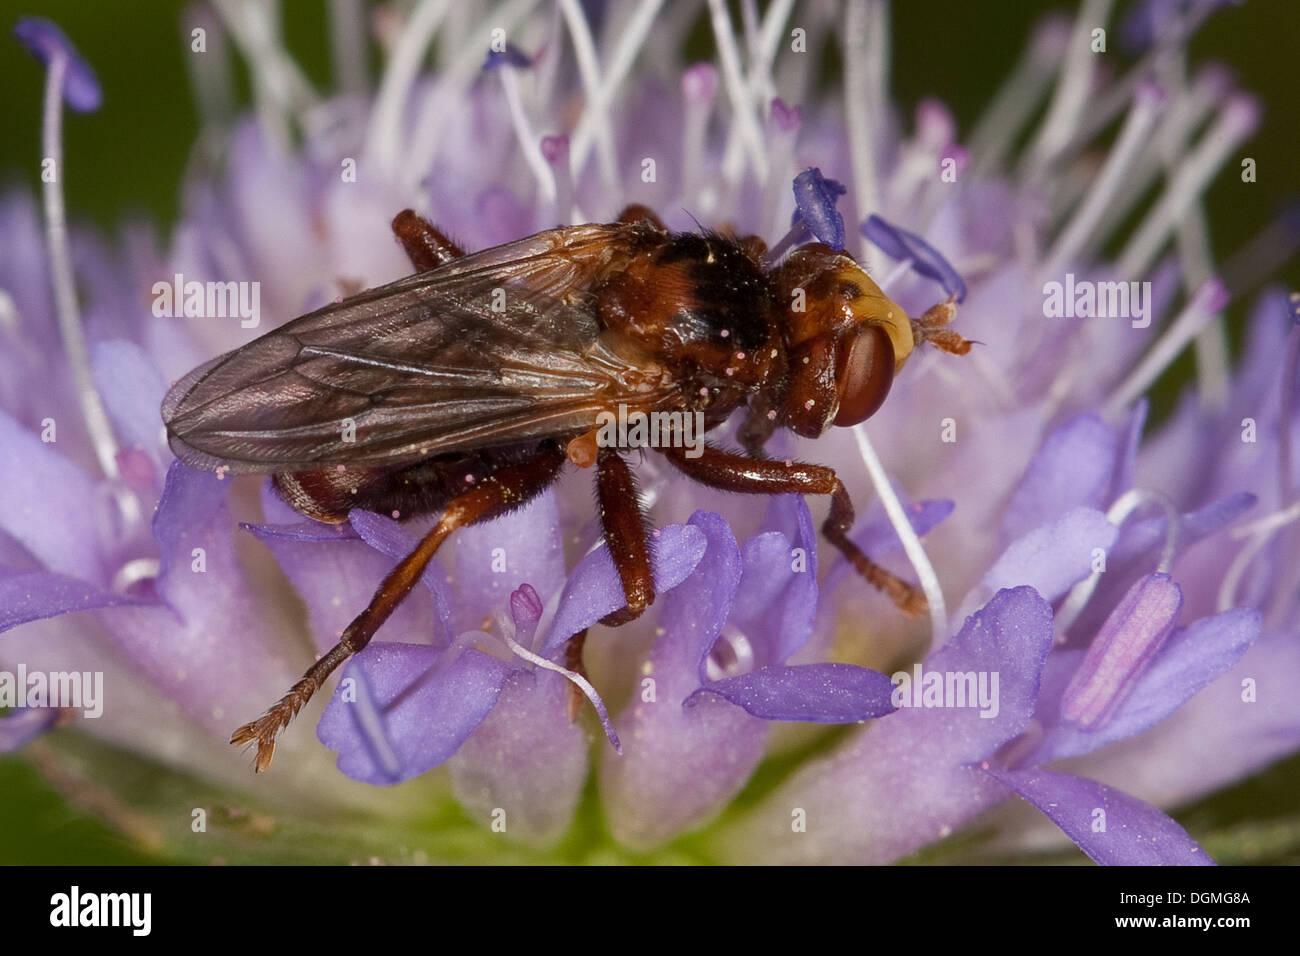 Thick-headed fly, Conopid, Sicus ferrugineus, Dickkopffliege, Dickkopf-Fliege, Blasenkopffliege, Breitstirnblasenkopffliege Stock Photo